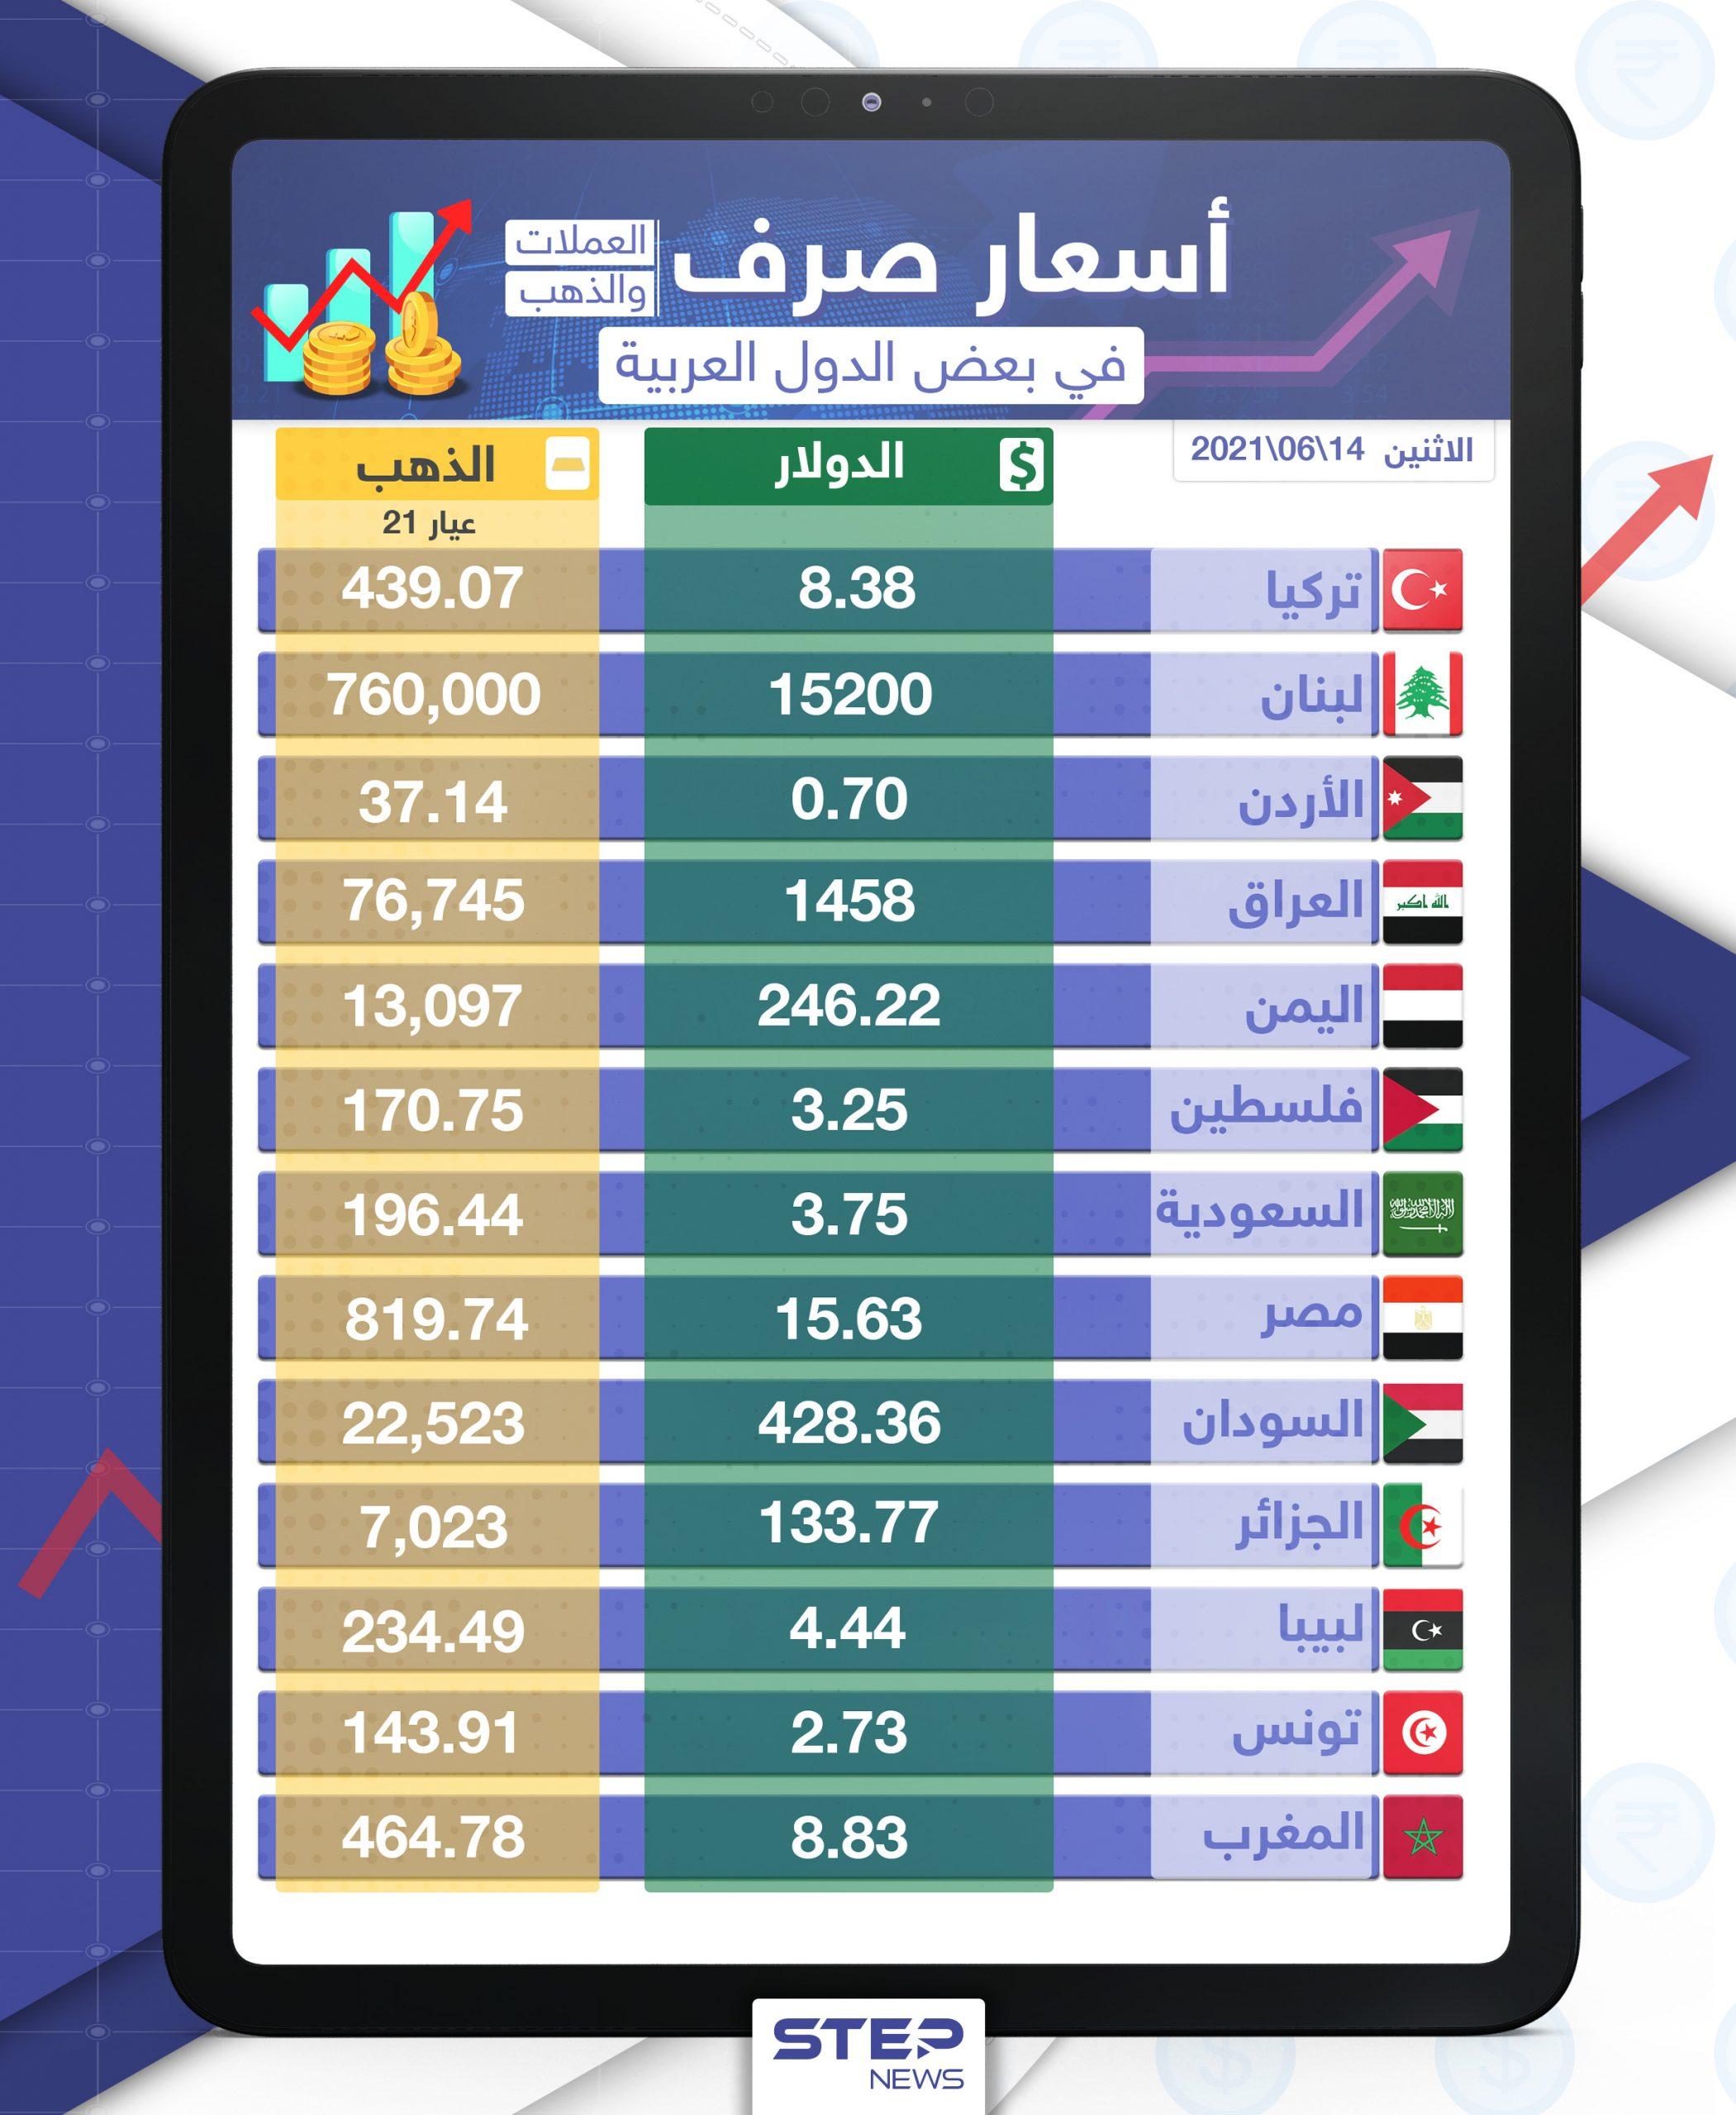 أسعار الذهب والعملات للدول العربية وتركيا اليوم الاثنين الموافق 14 حزيران 2021